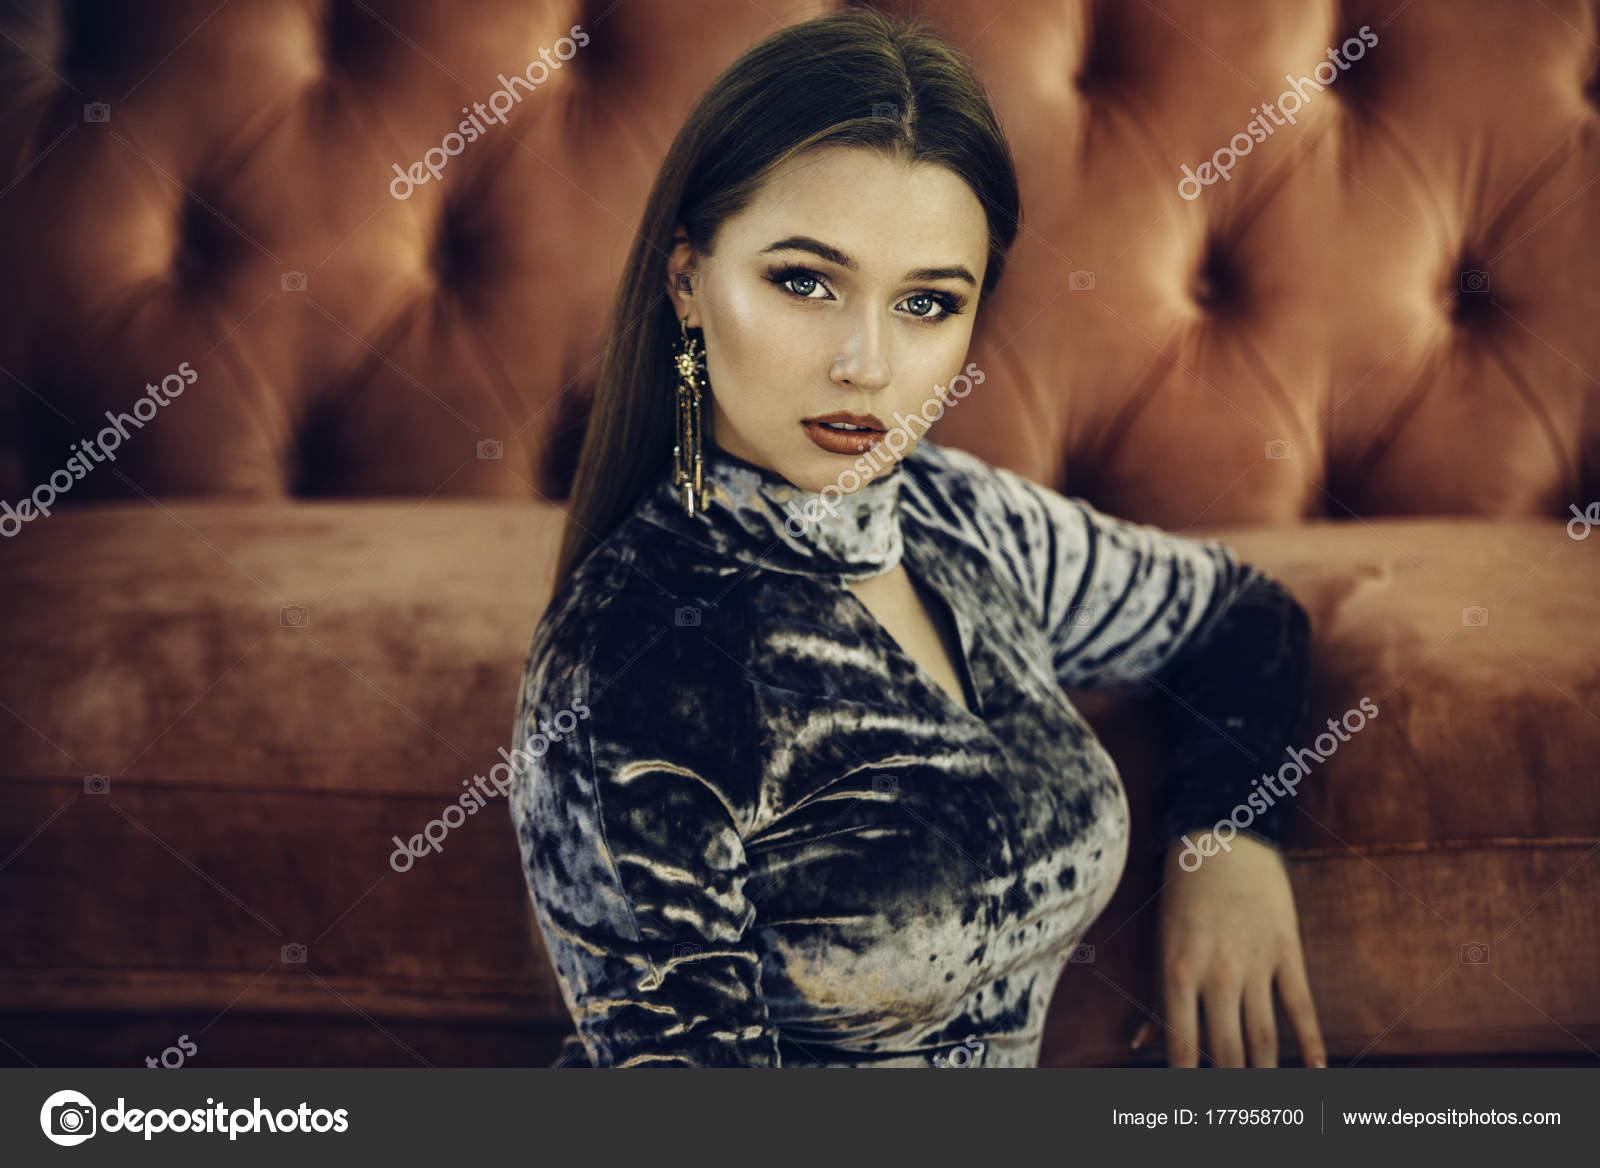 084bcb0803c1 Krásná žena nosí luxusní večer šaty a náušnice s make-upem pózuje na  červené pohovce– stock obrázky